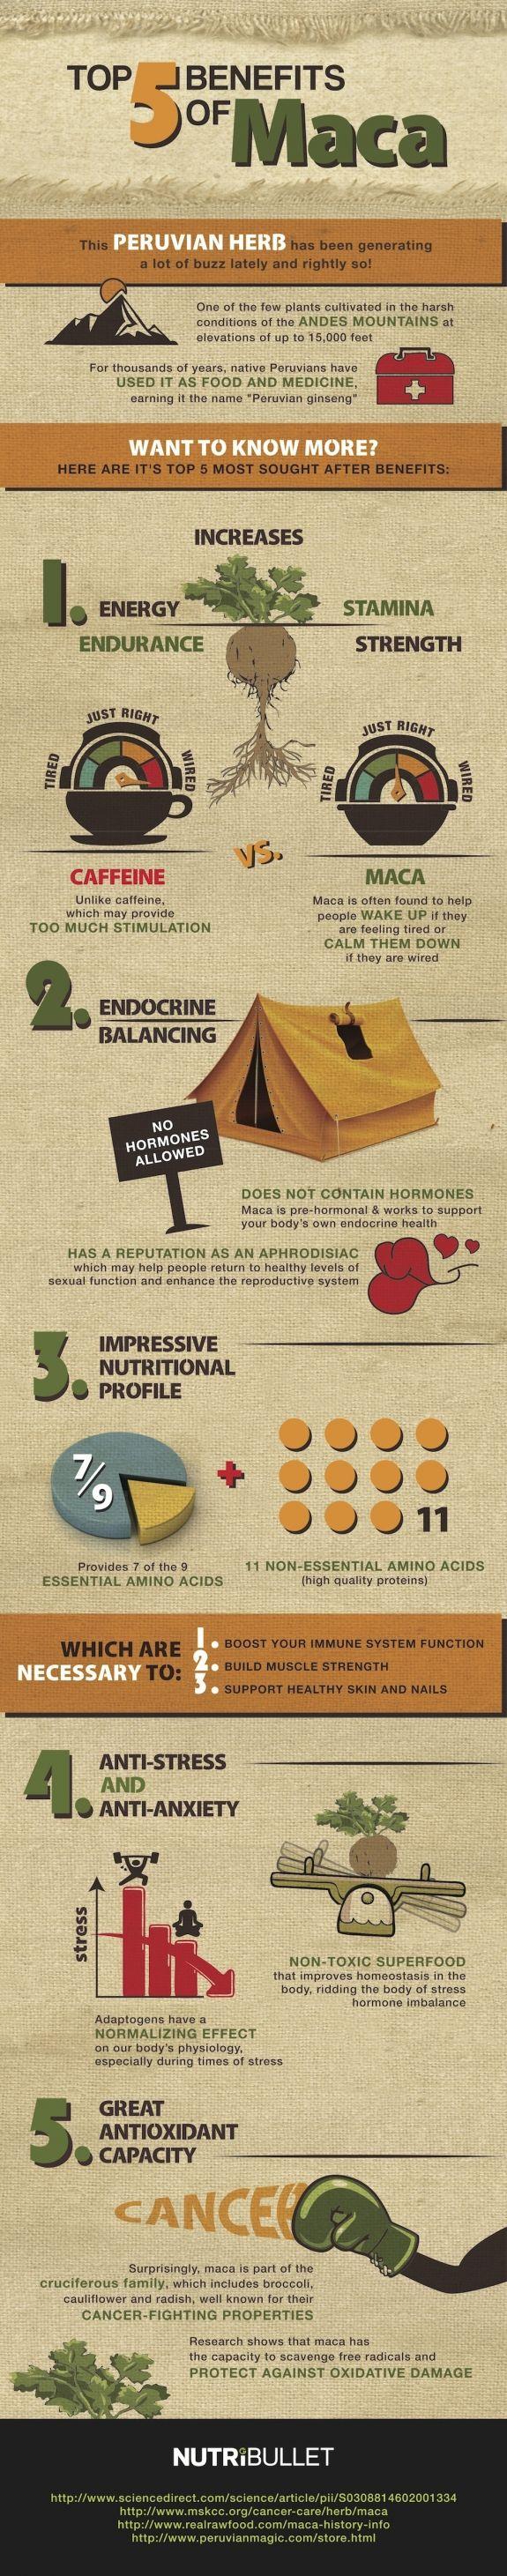 Top 5 Benefits of Maca [infographic]